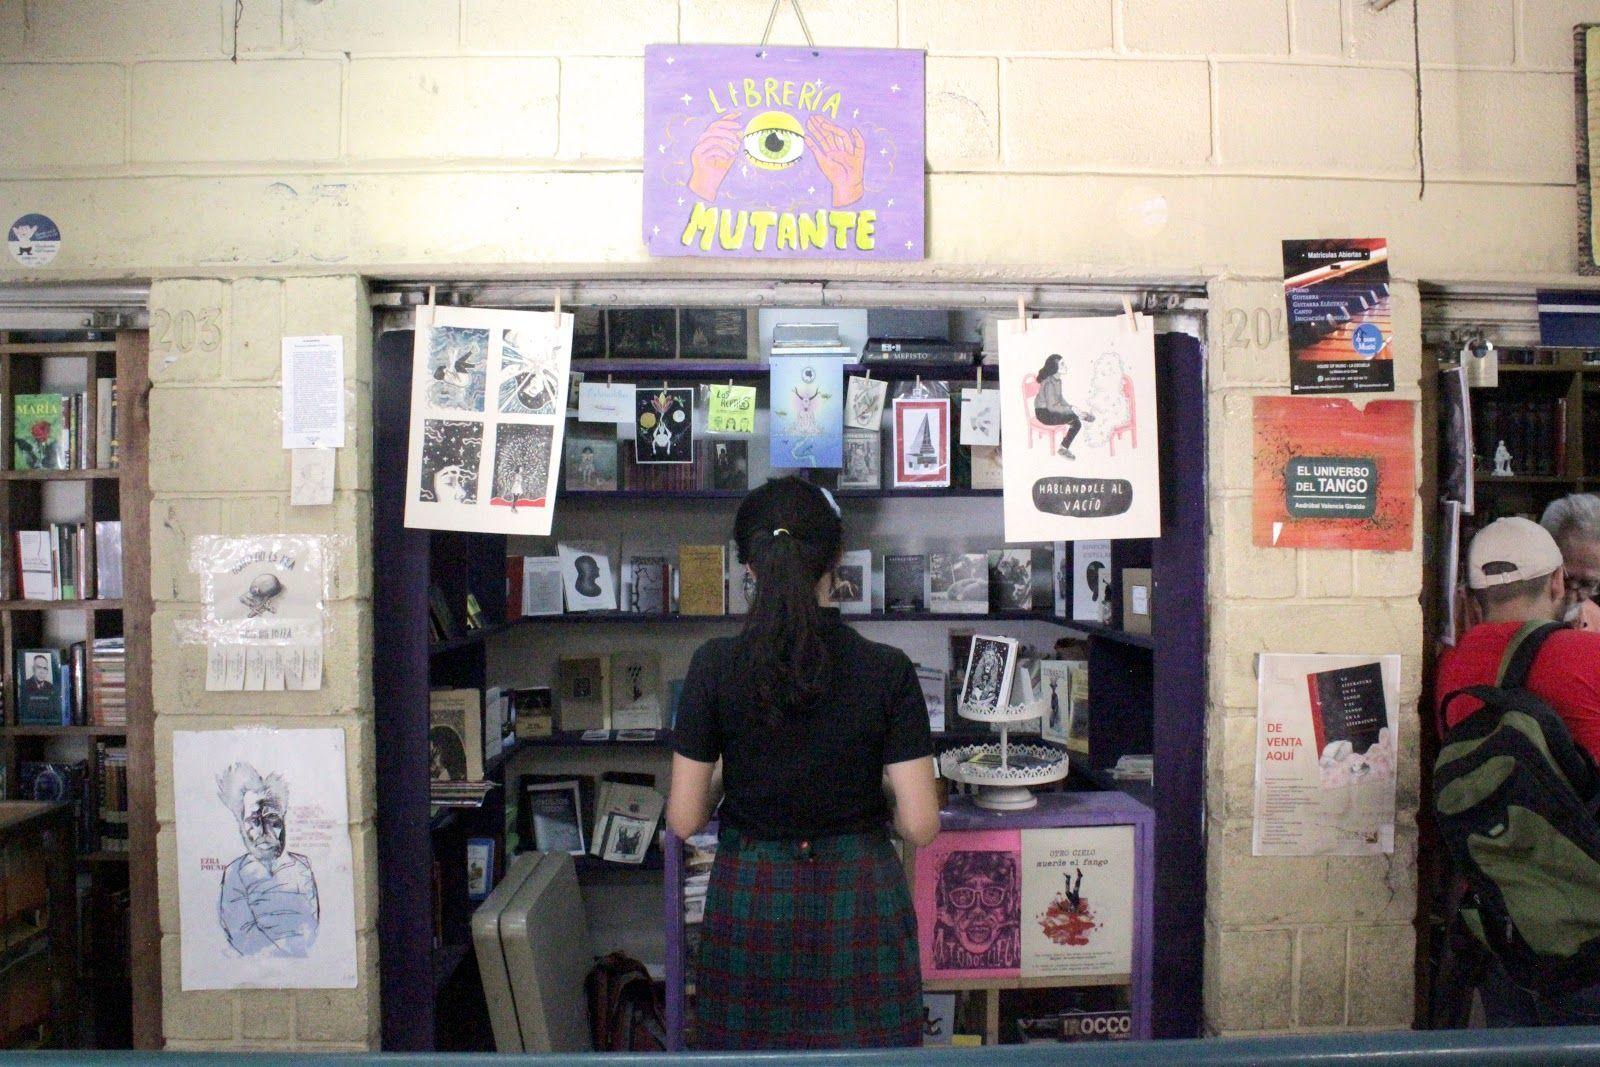 10 Laboratorio Editorial Mutante Librería Mutante Colombia